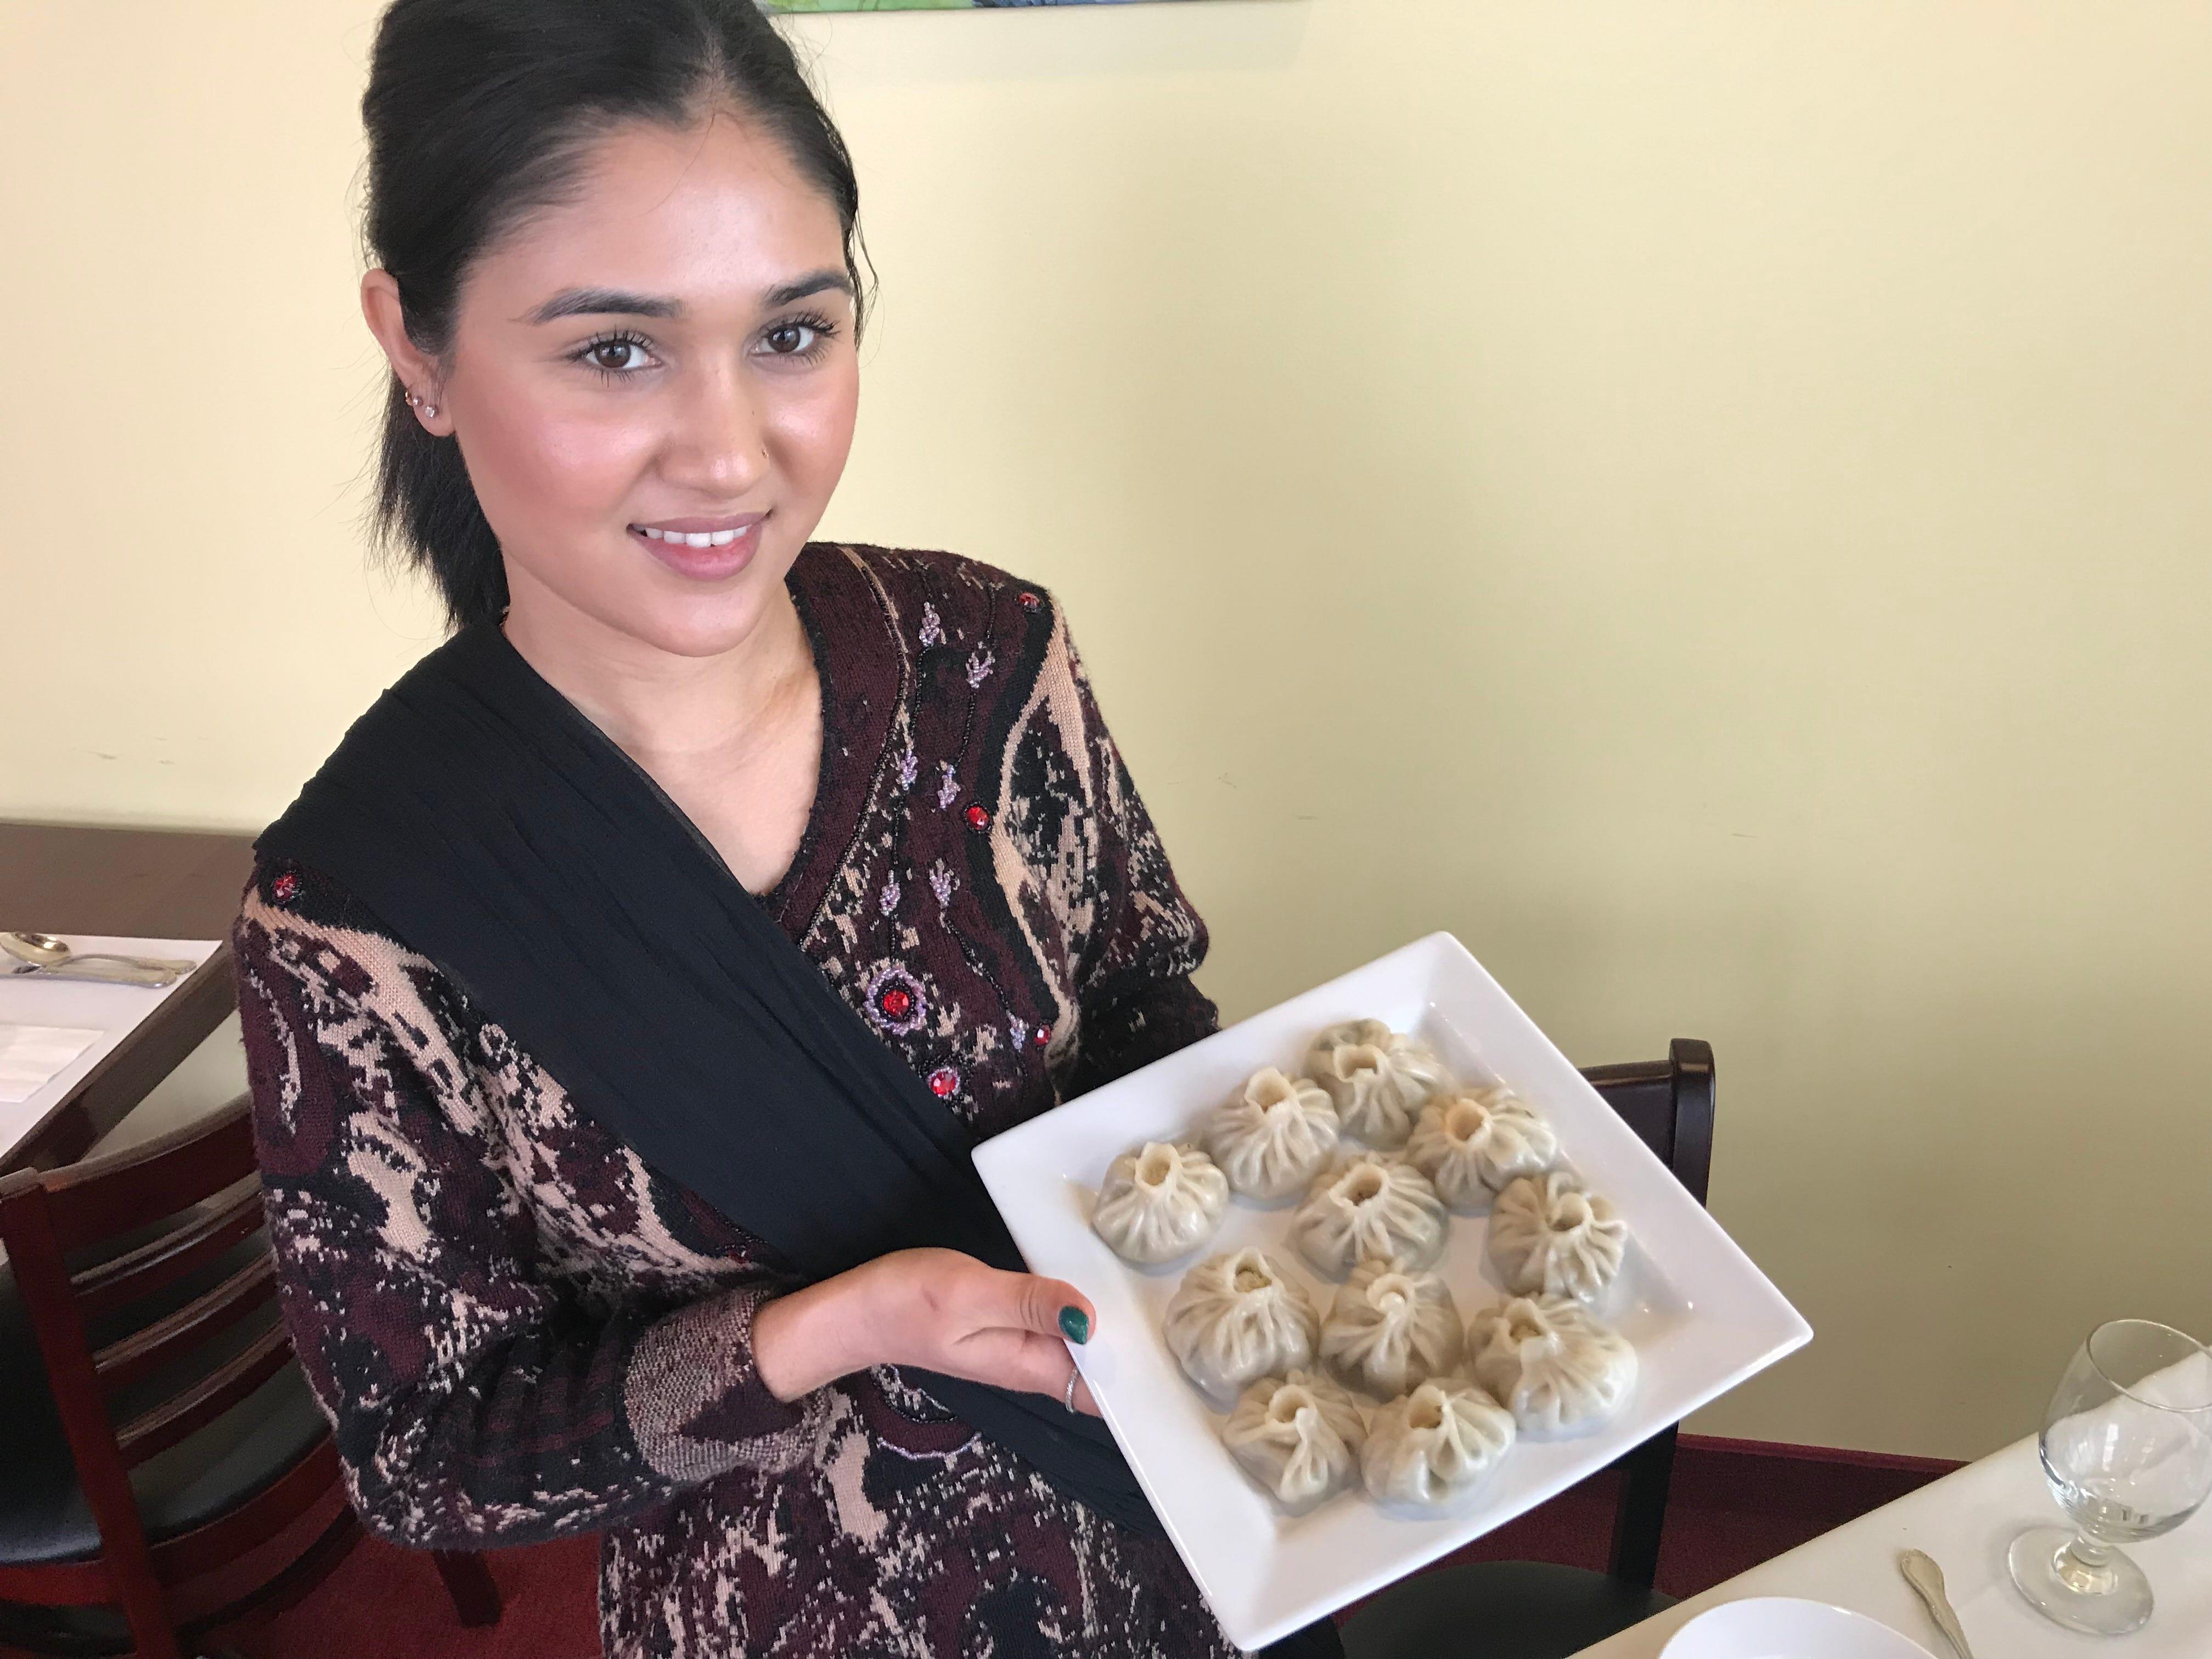 Anisha Chuhan prepares hand-made dumplings called momos at Royal of India.